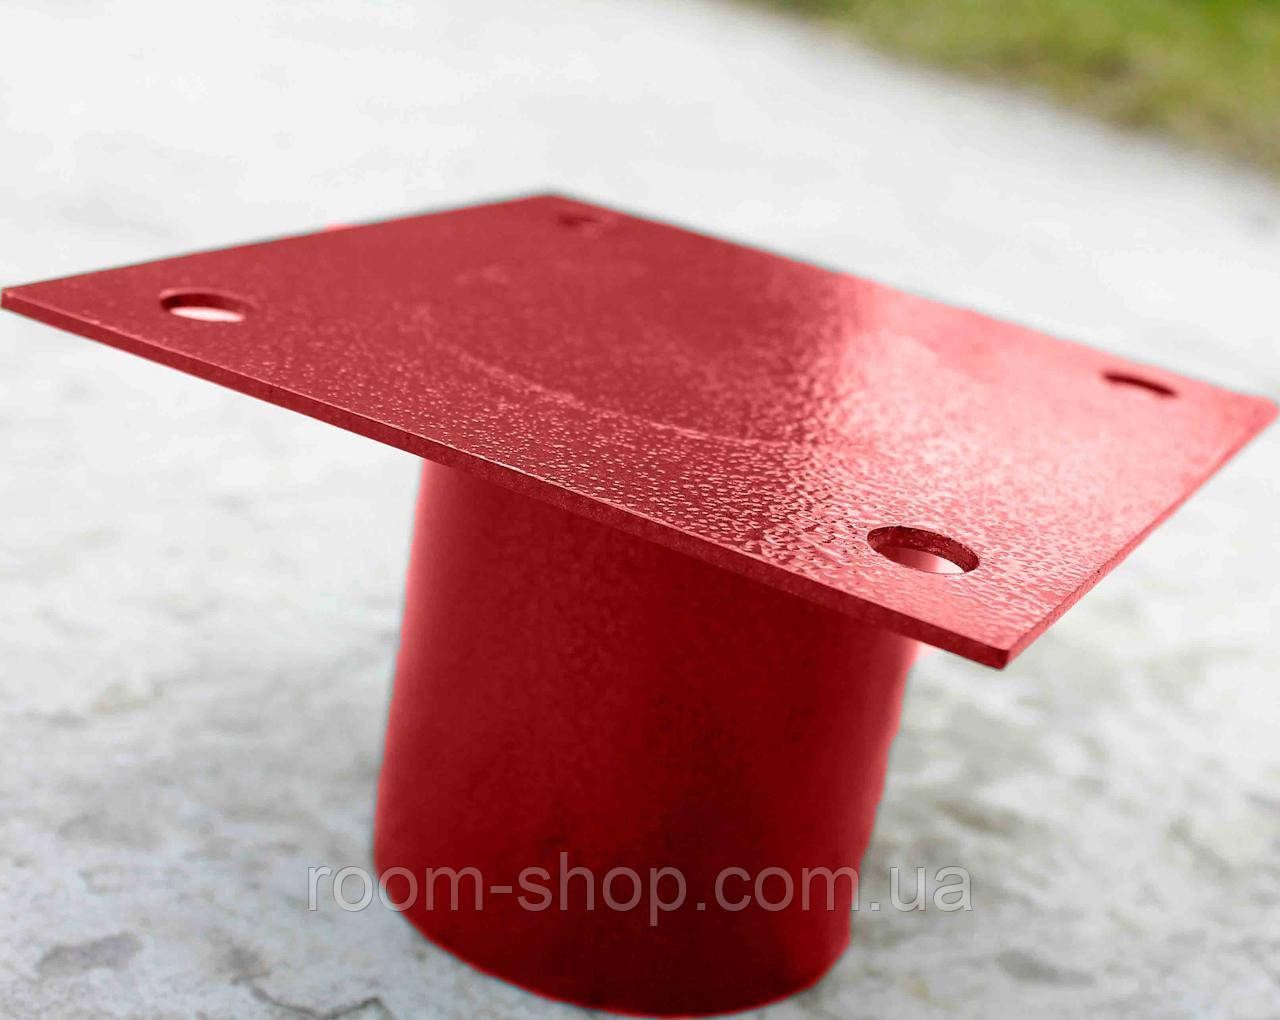 Оголовки (оголовники, пластини, фланці) до паль, опор діаметром 108 мм майданчик 150х150 мм (палі,палячи)